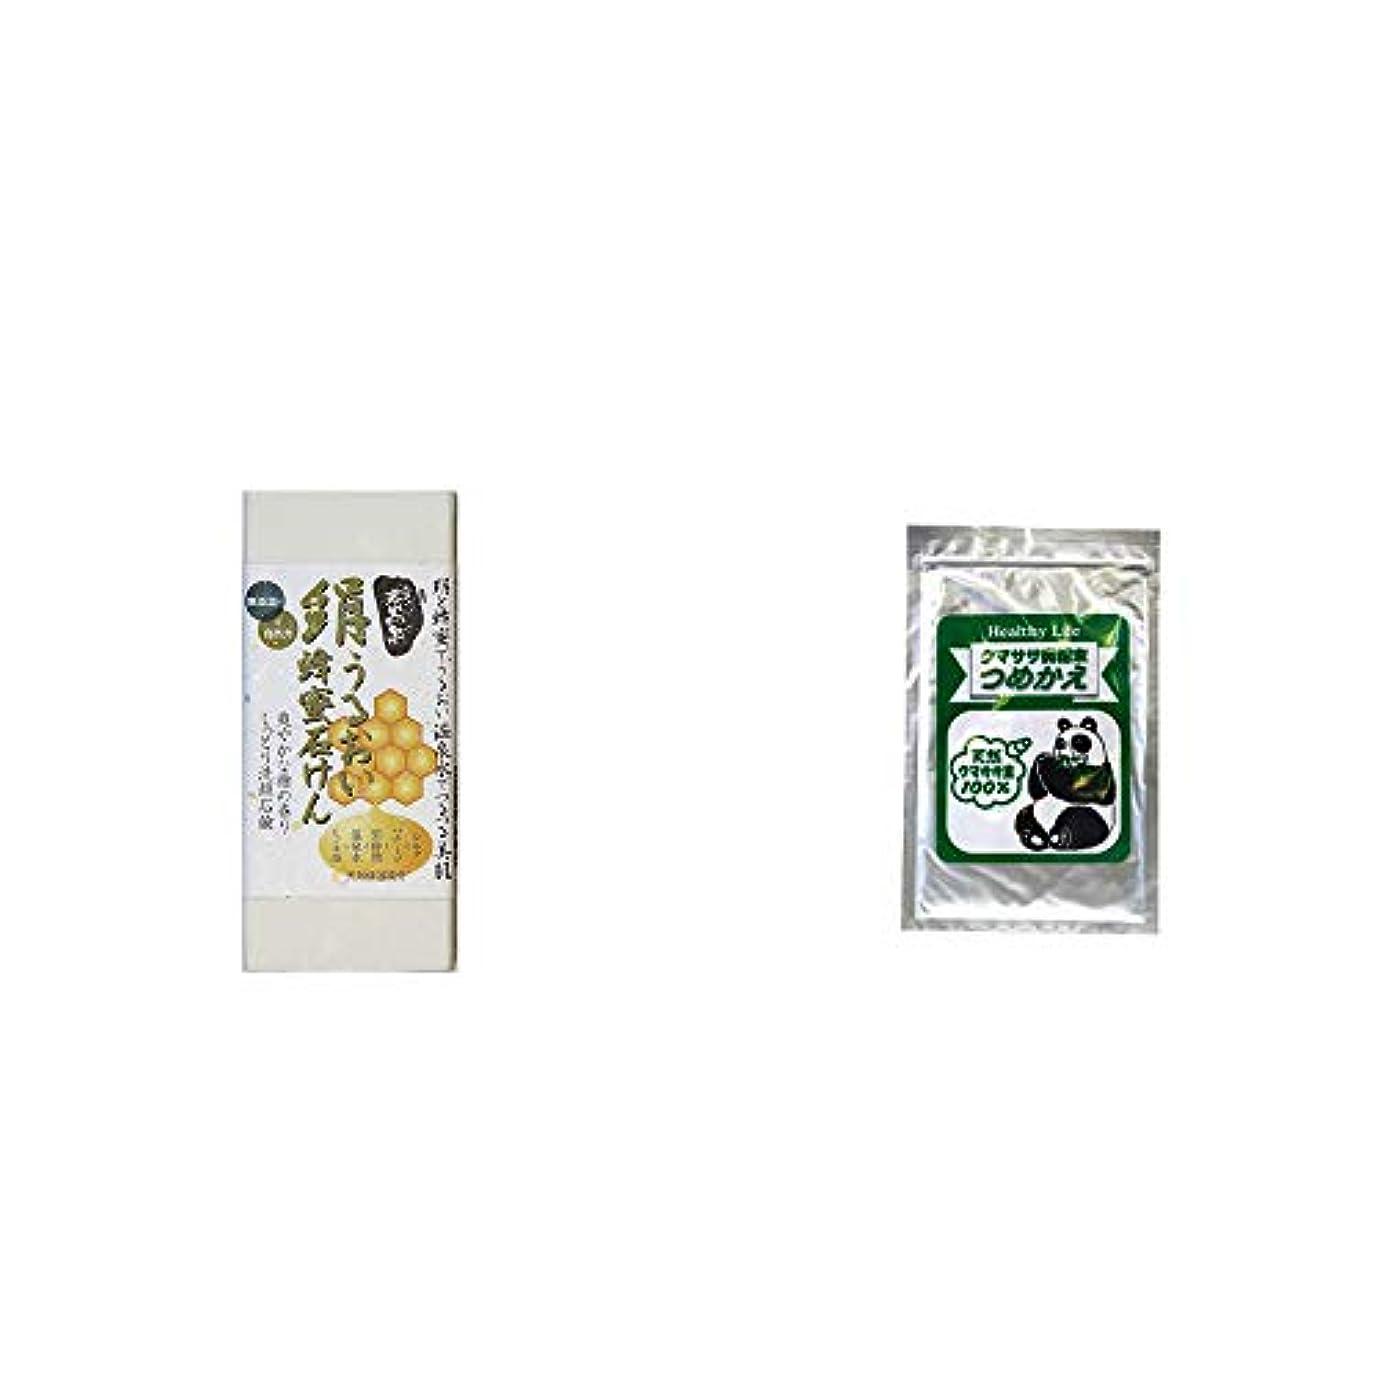 稚魚エッセンスカートン[2点セット] ひのき炭黒泉 絹うるおい蜂蜜石けん(75g×2)?木曽産 熊笹100% クマササ微粉末 詰め替え用 (60g)